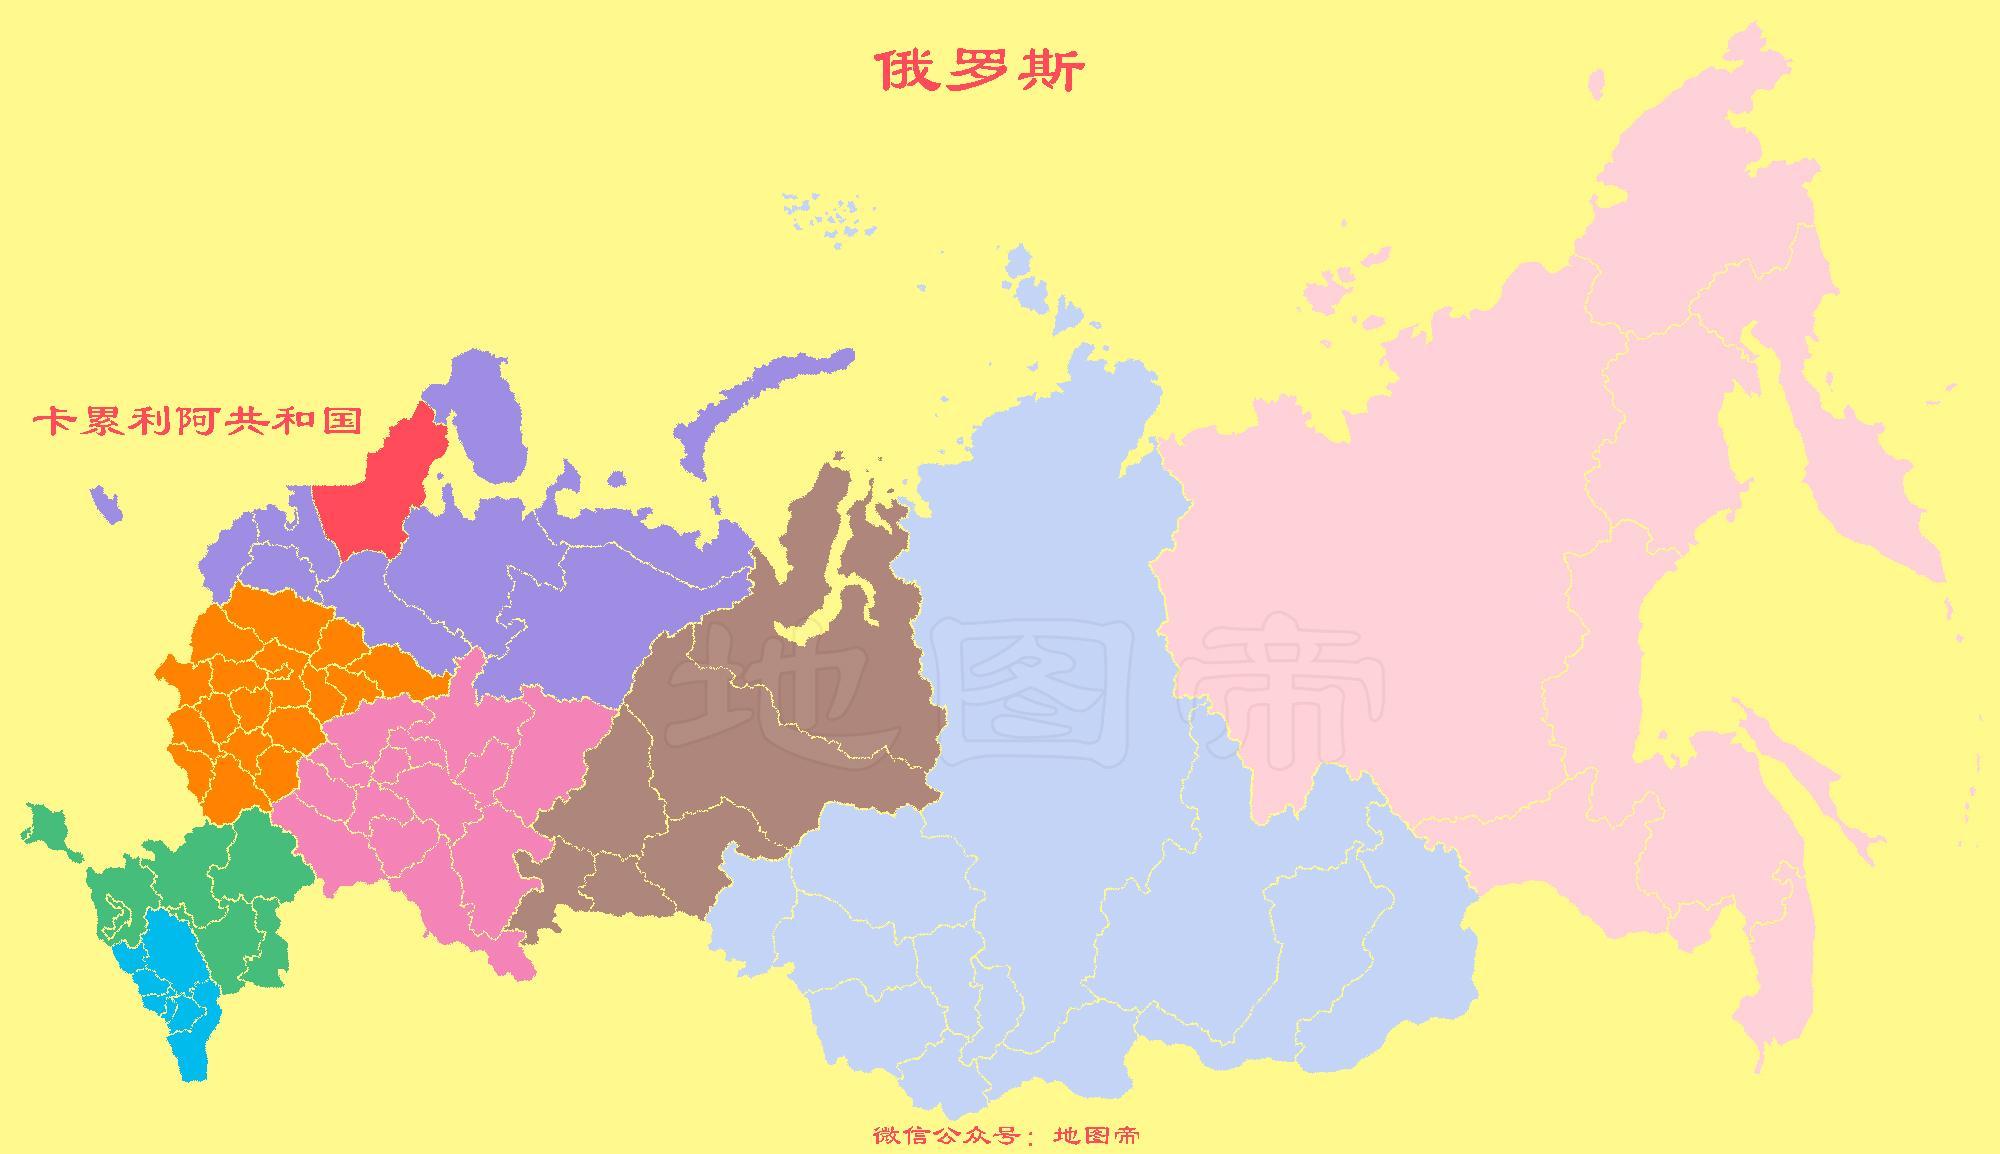 苏联地图 矢量图